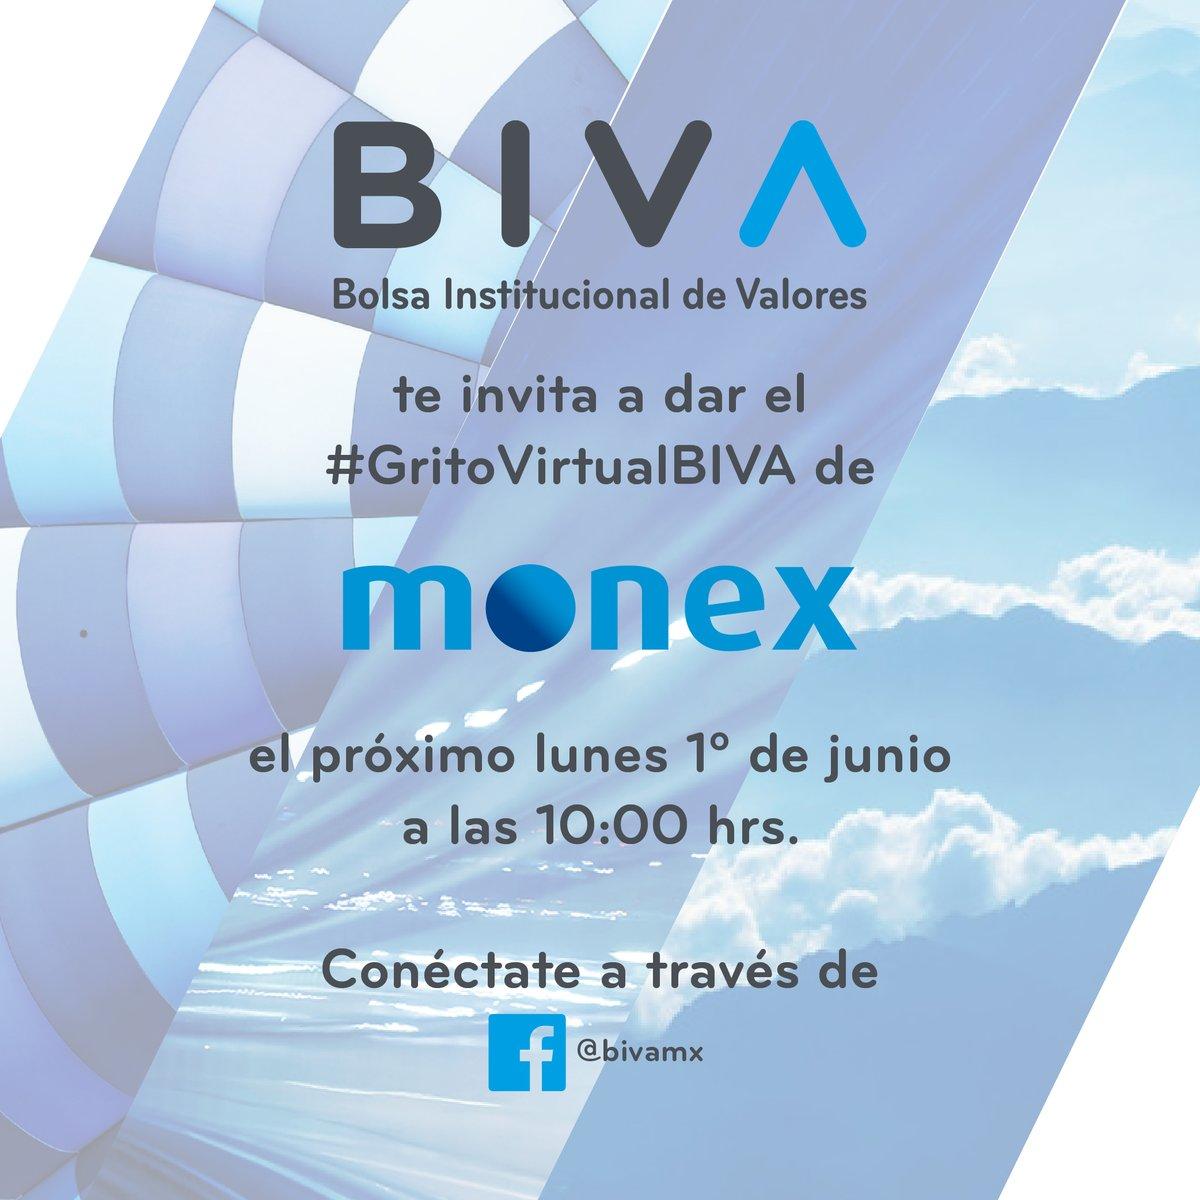 #Mañana 1º de junio a las 10:00 am, @MonexAnalisis dará el #GritoVirtualBIVA. Te invitamos a conectarte a nuestro #FacebookLive para gritar con nosotros ¡#BIVAMonex! ¡#BIVAMéxico! ¡#BIVAMonex!